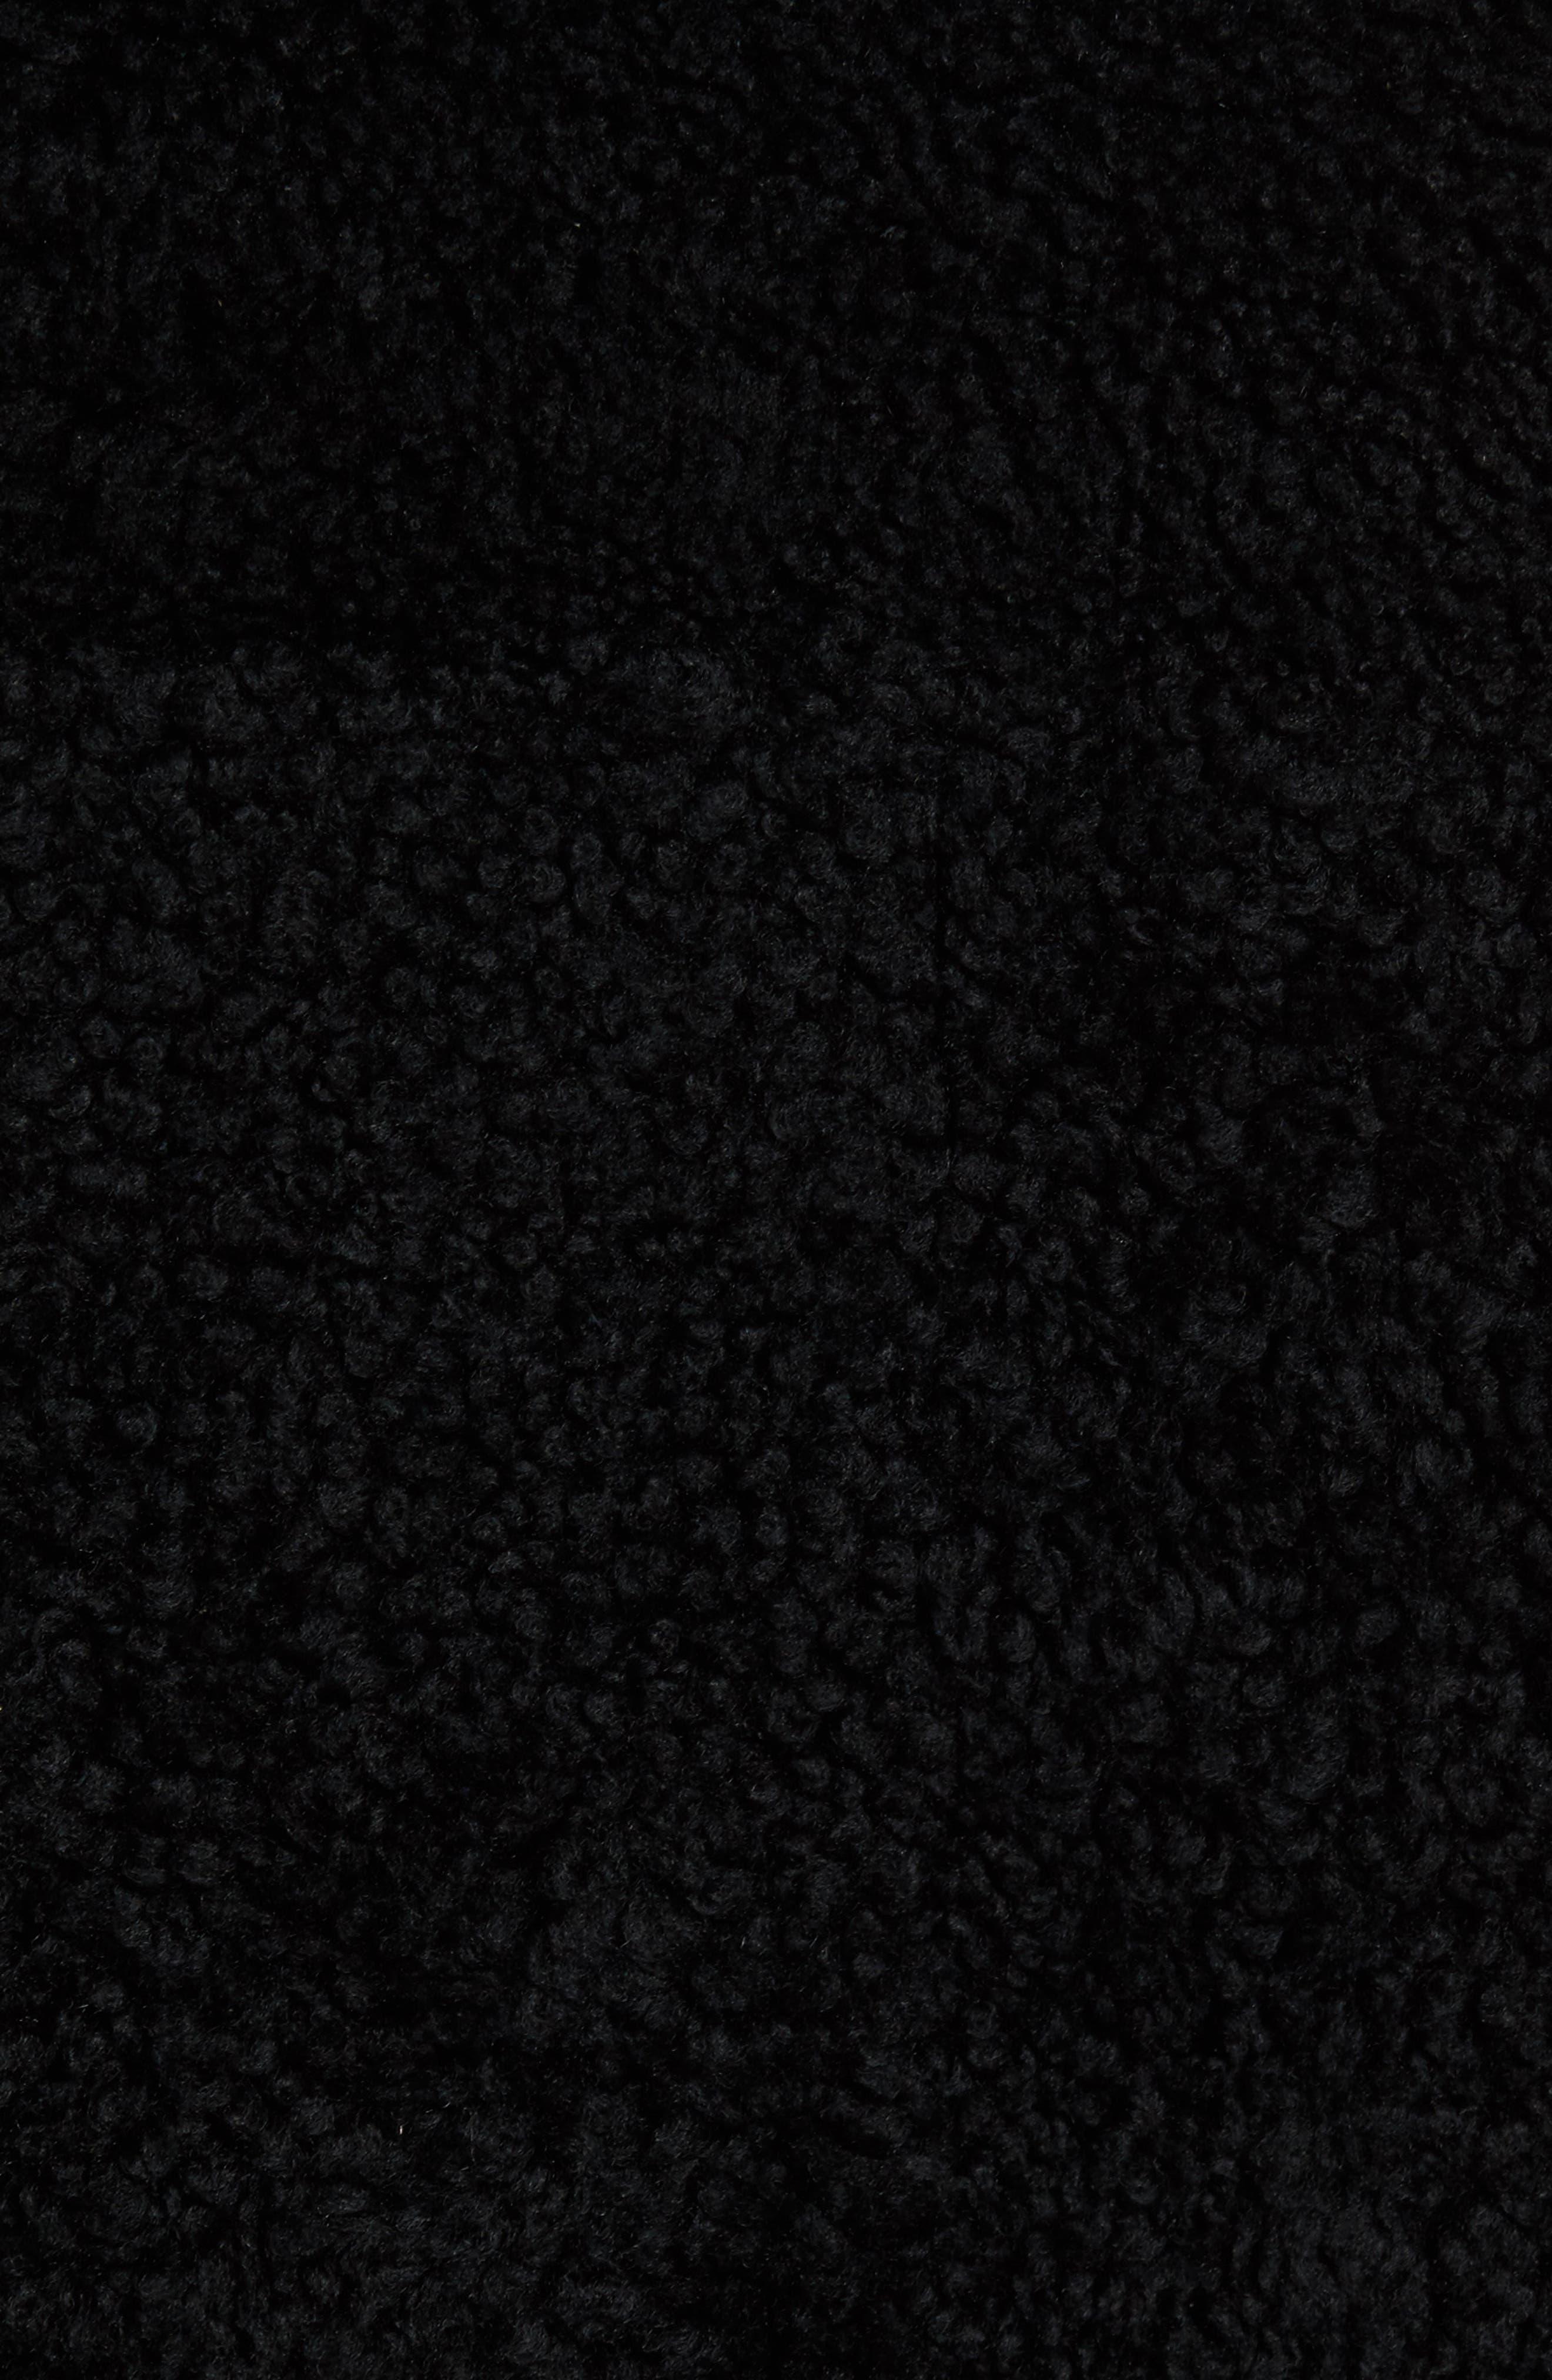 Reversible Genuine Shearling Peacoat,                             Alternate thumbnail 6, color,                             001